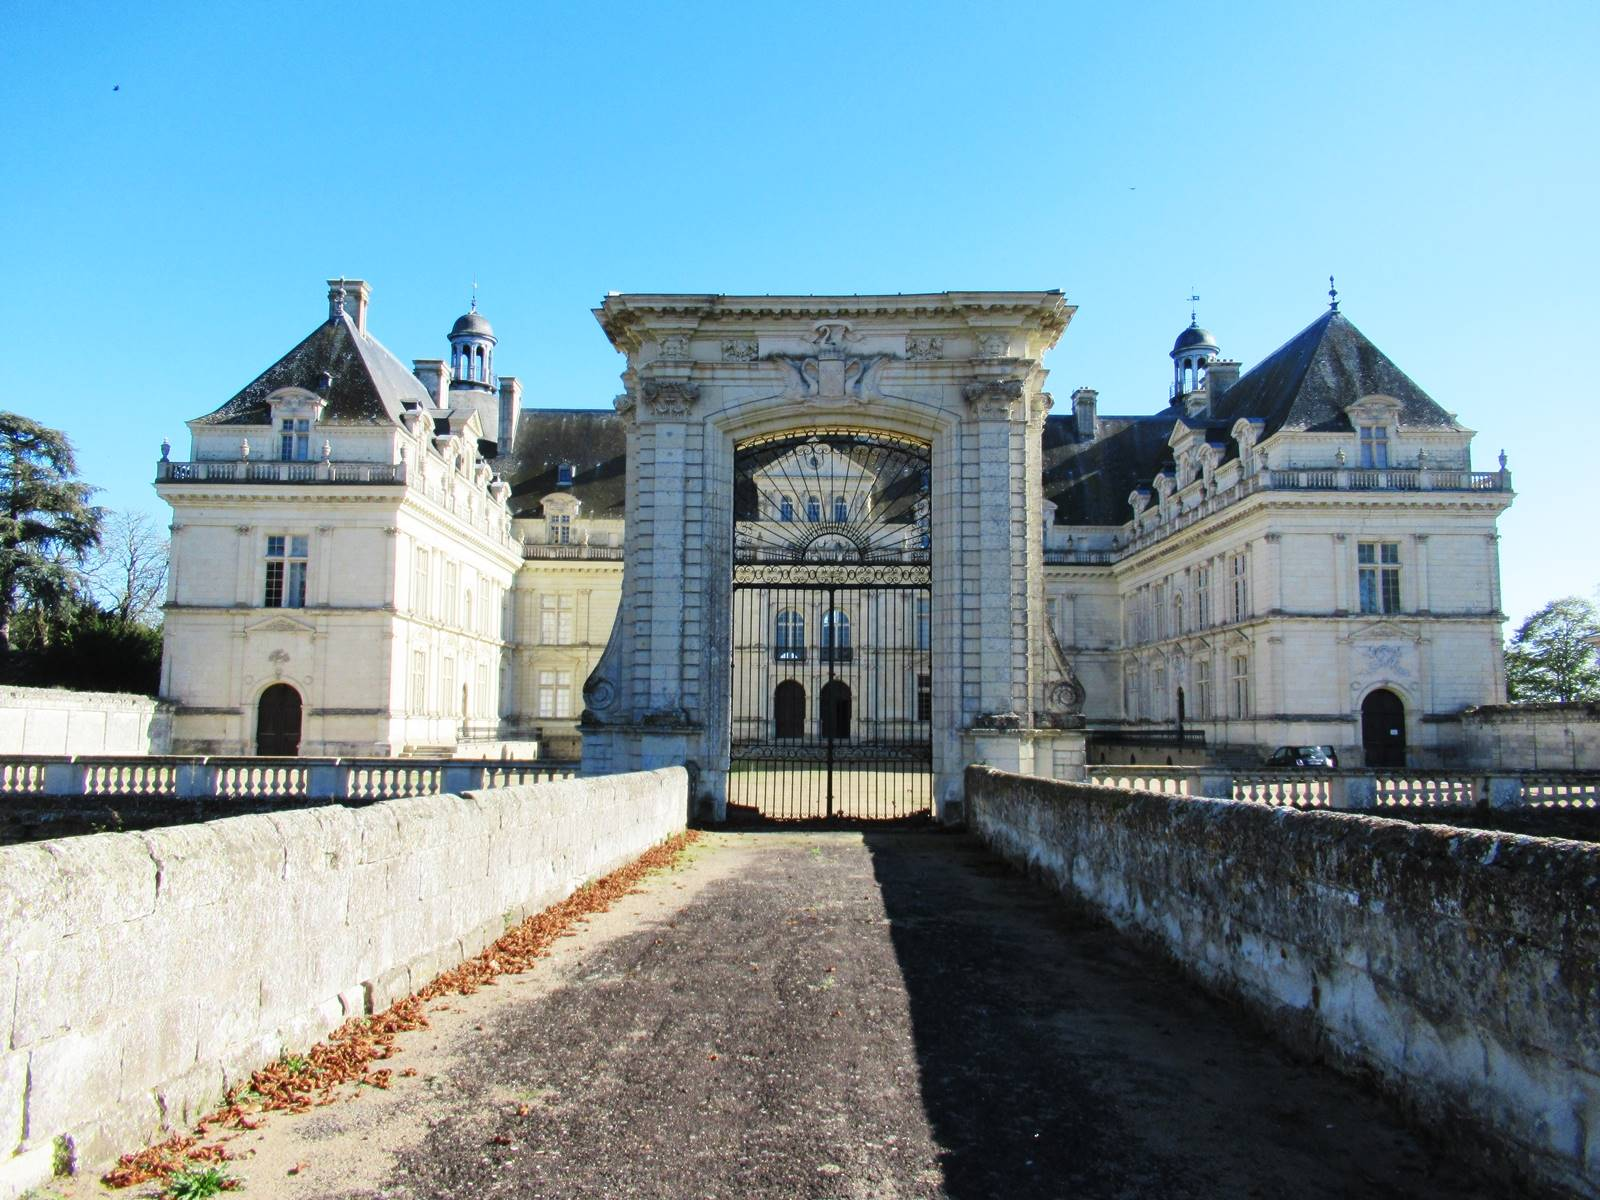 Chateau de serrant modifiee 19